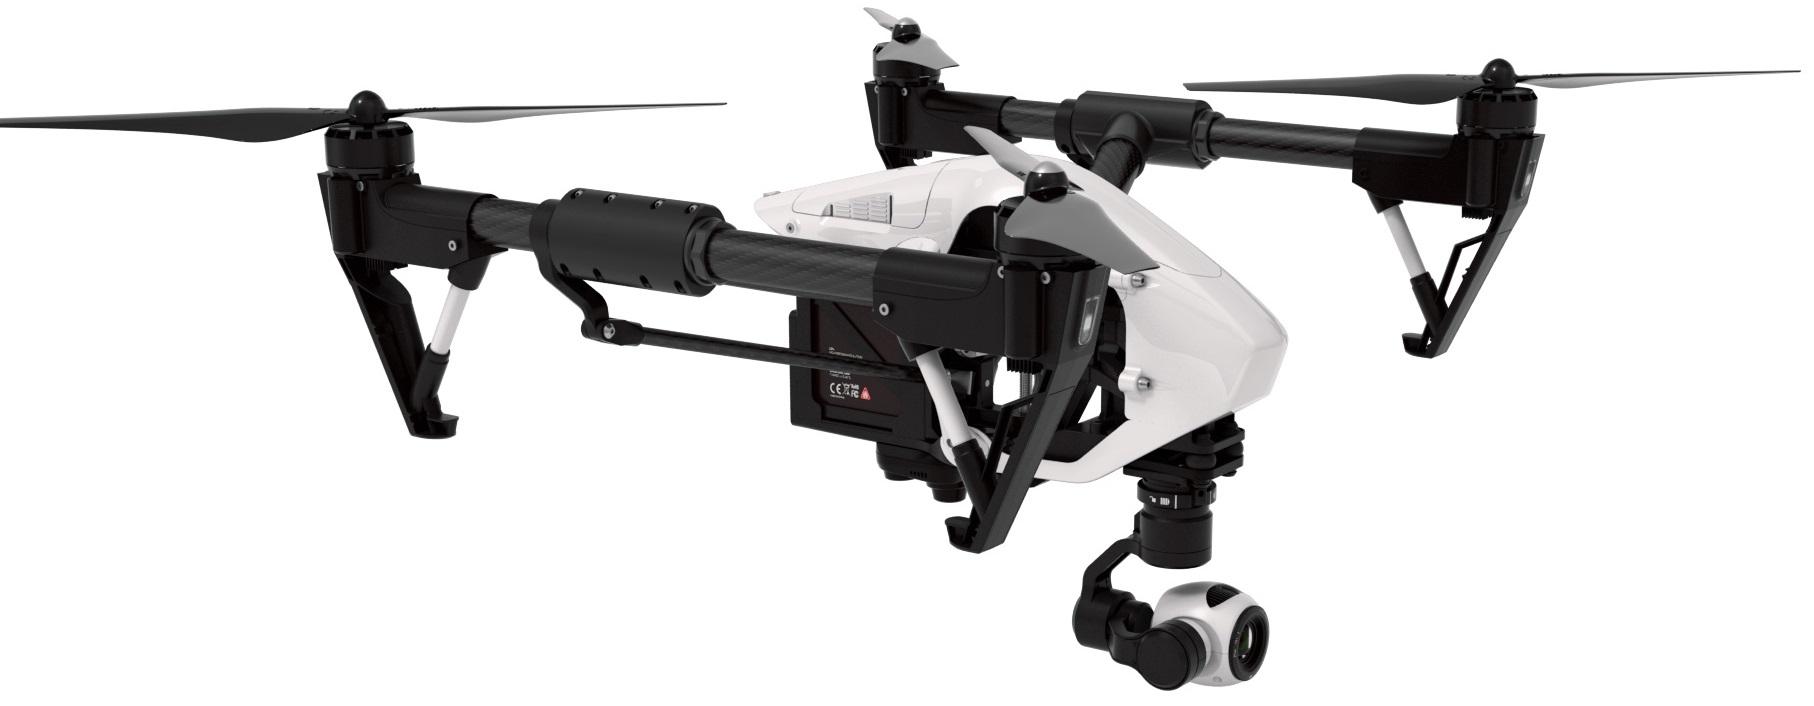 Los policías de Dakota del Norte usarán drones armados